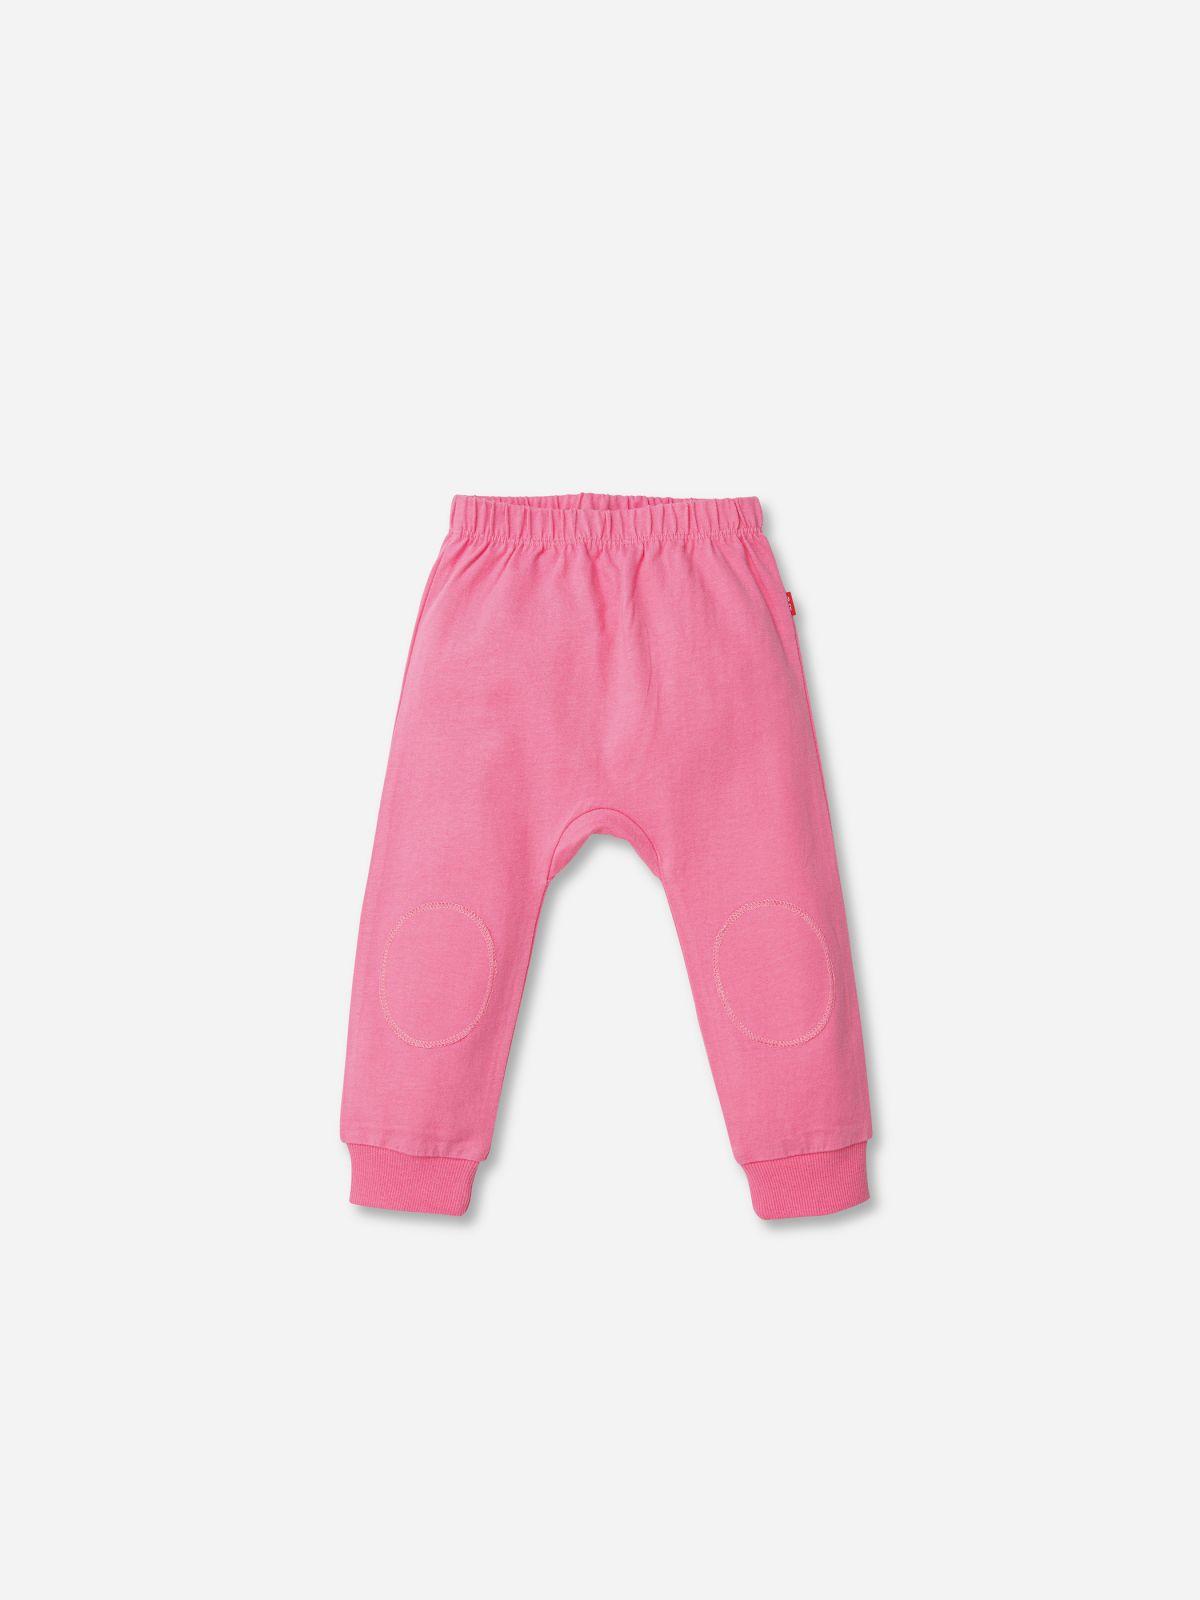 מכנסיים ארוכים עם פאץ' / 0M-24Mמכנסיים ארוכים עם פאץ' / 0M-24M של SHILAV